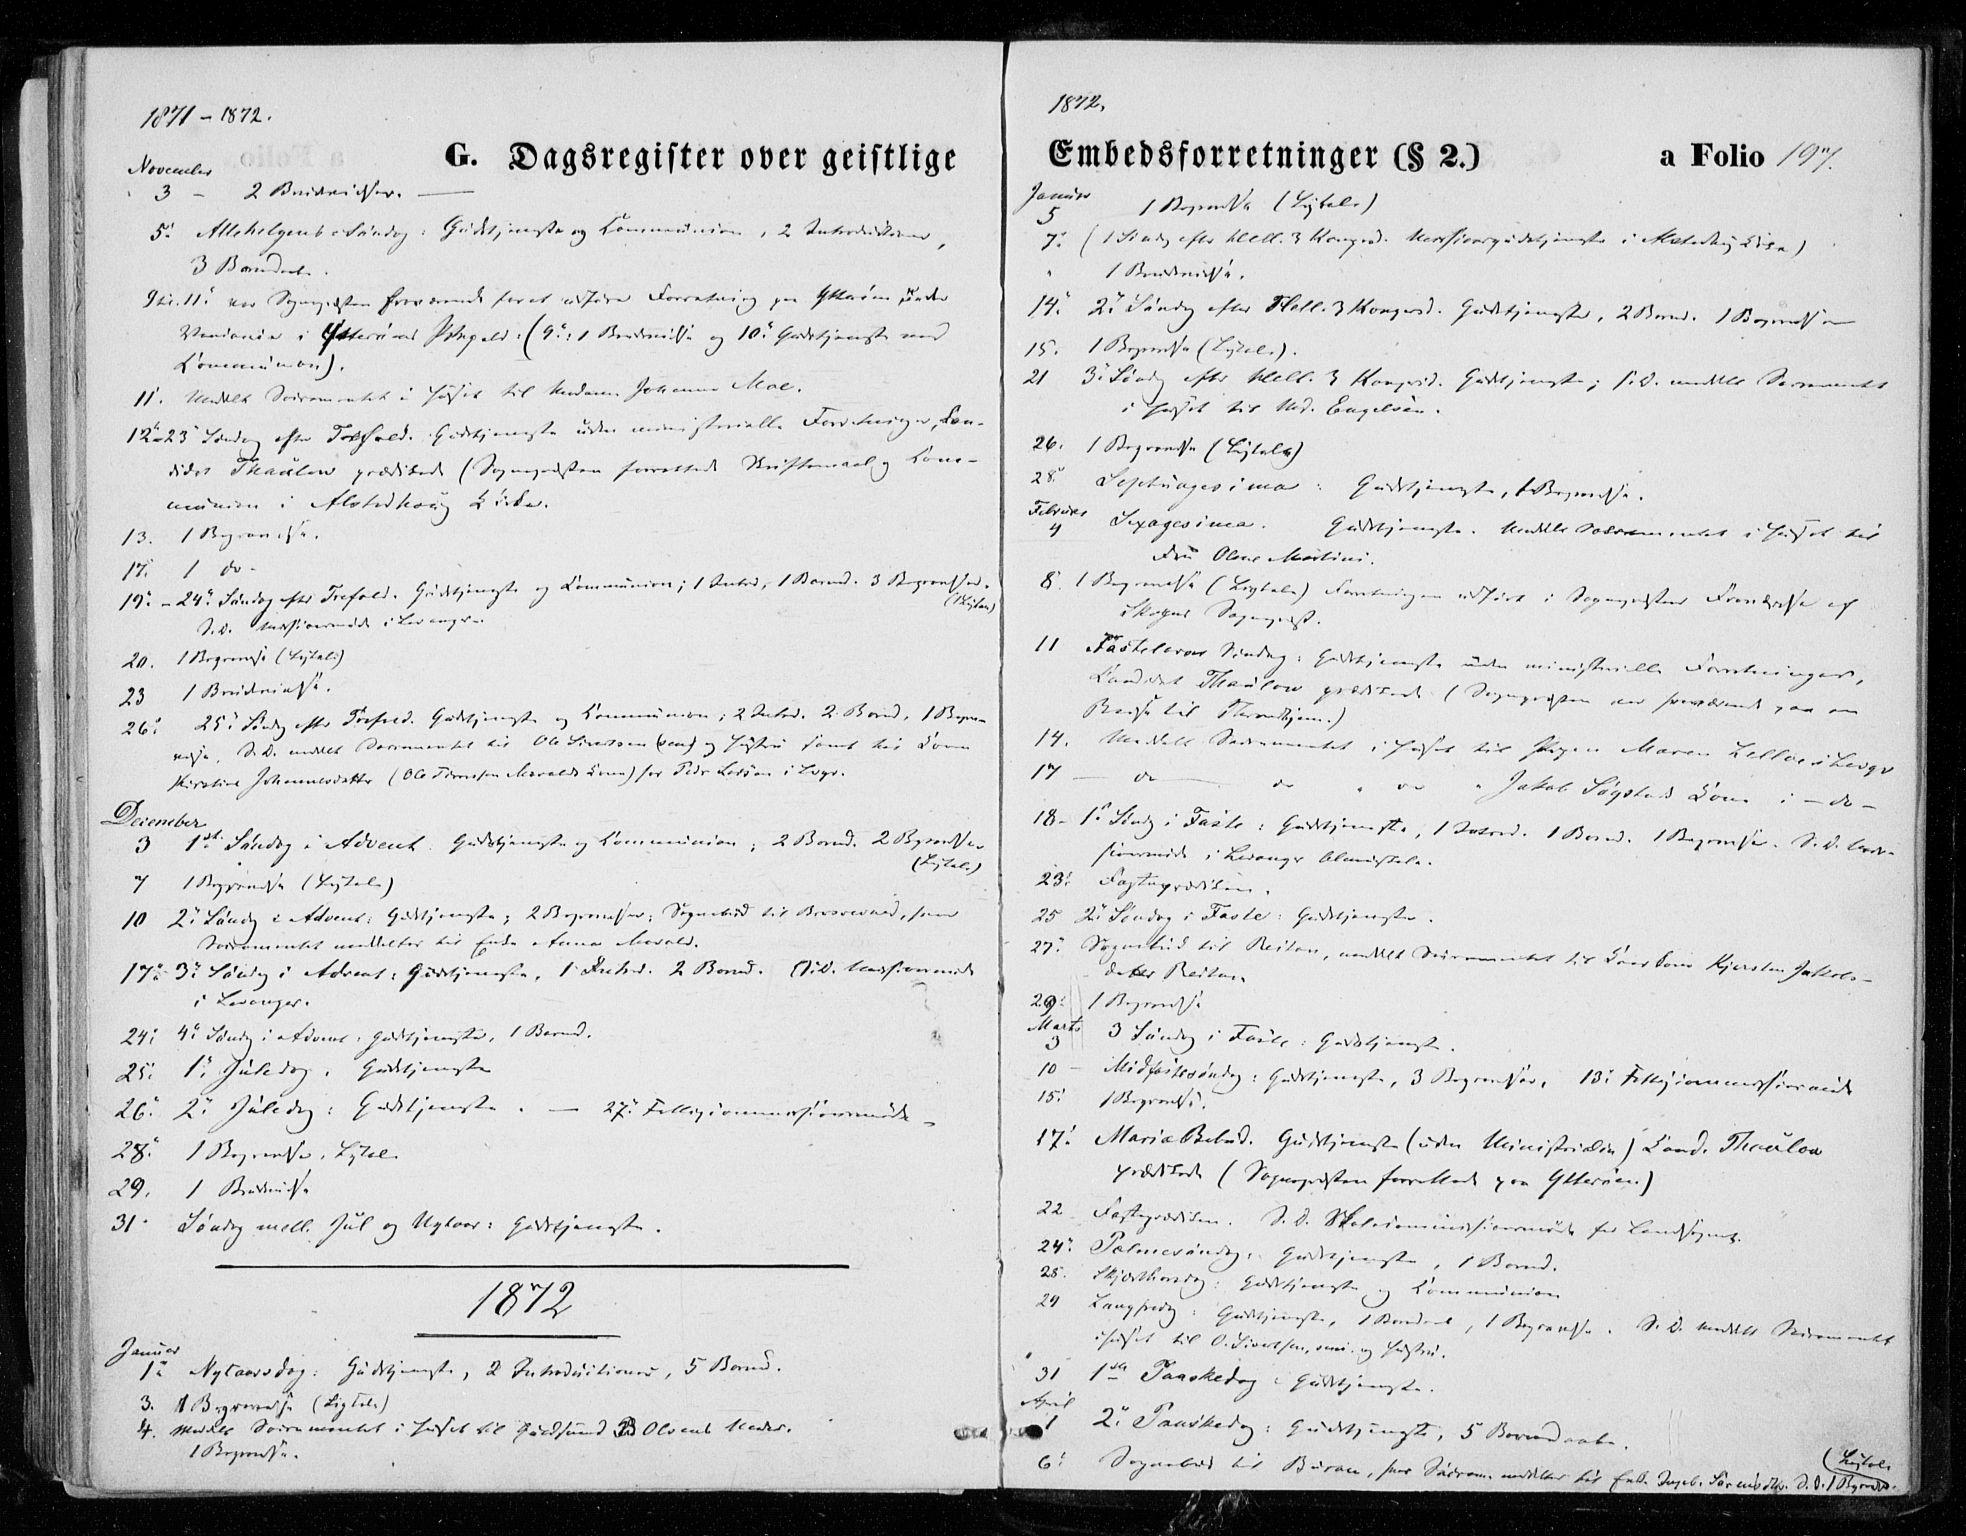 SAT, Ministerialprotokoller, klokkerbøker og fødselsregistre - Nord-Trøndelag, 721/L0206: Ministerialbok nr. 721A01, 1864-1874, s. 197